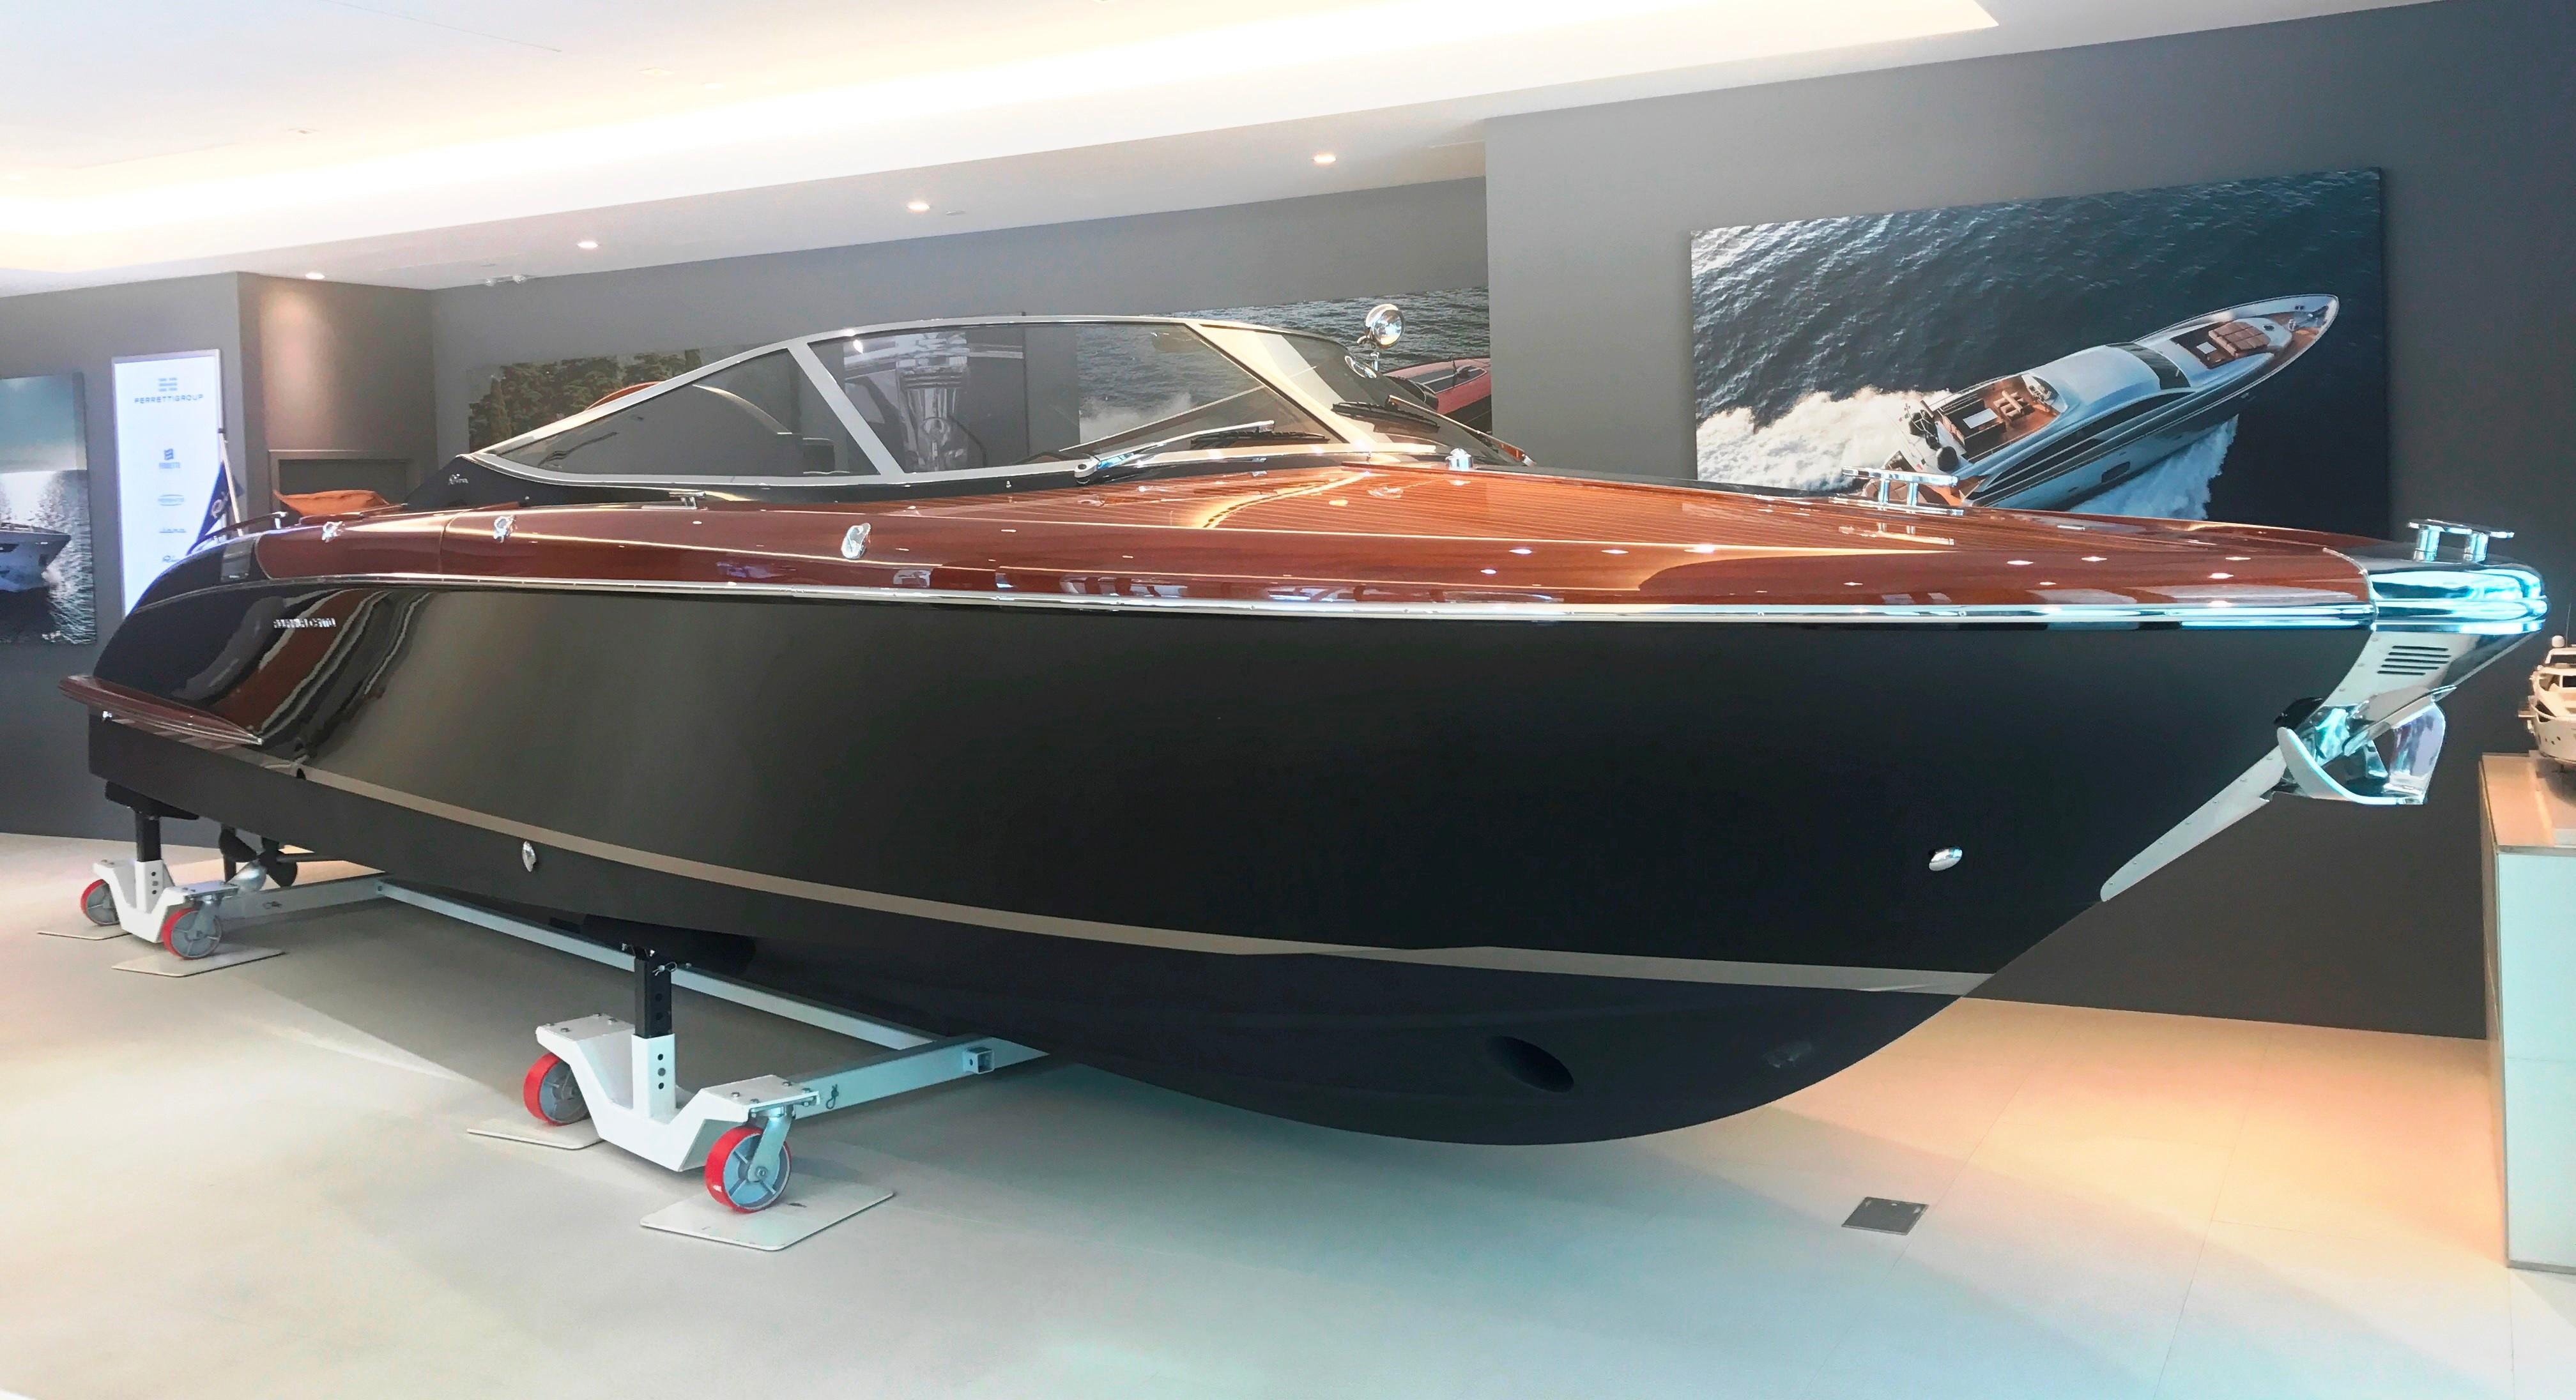 2008 Riva 33 Cento - Profile